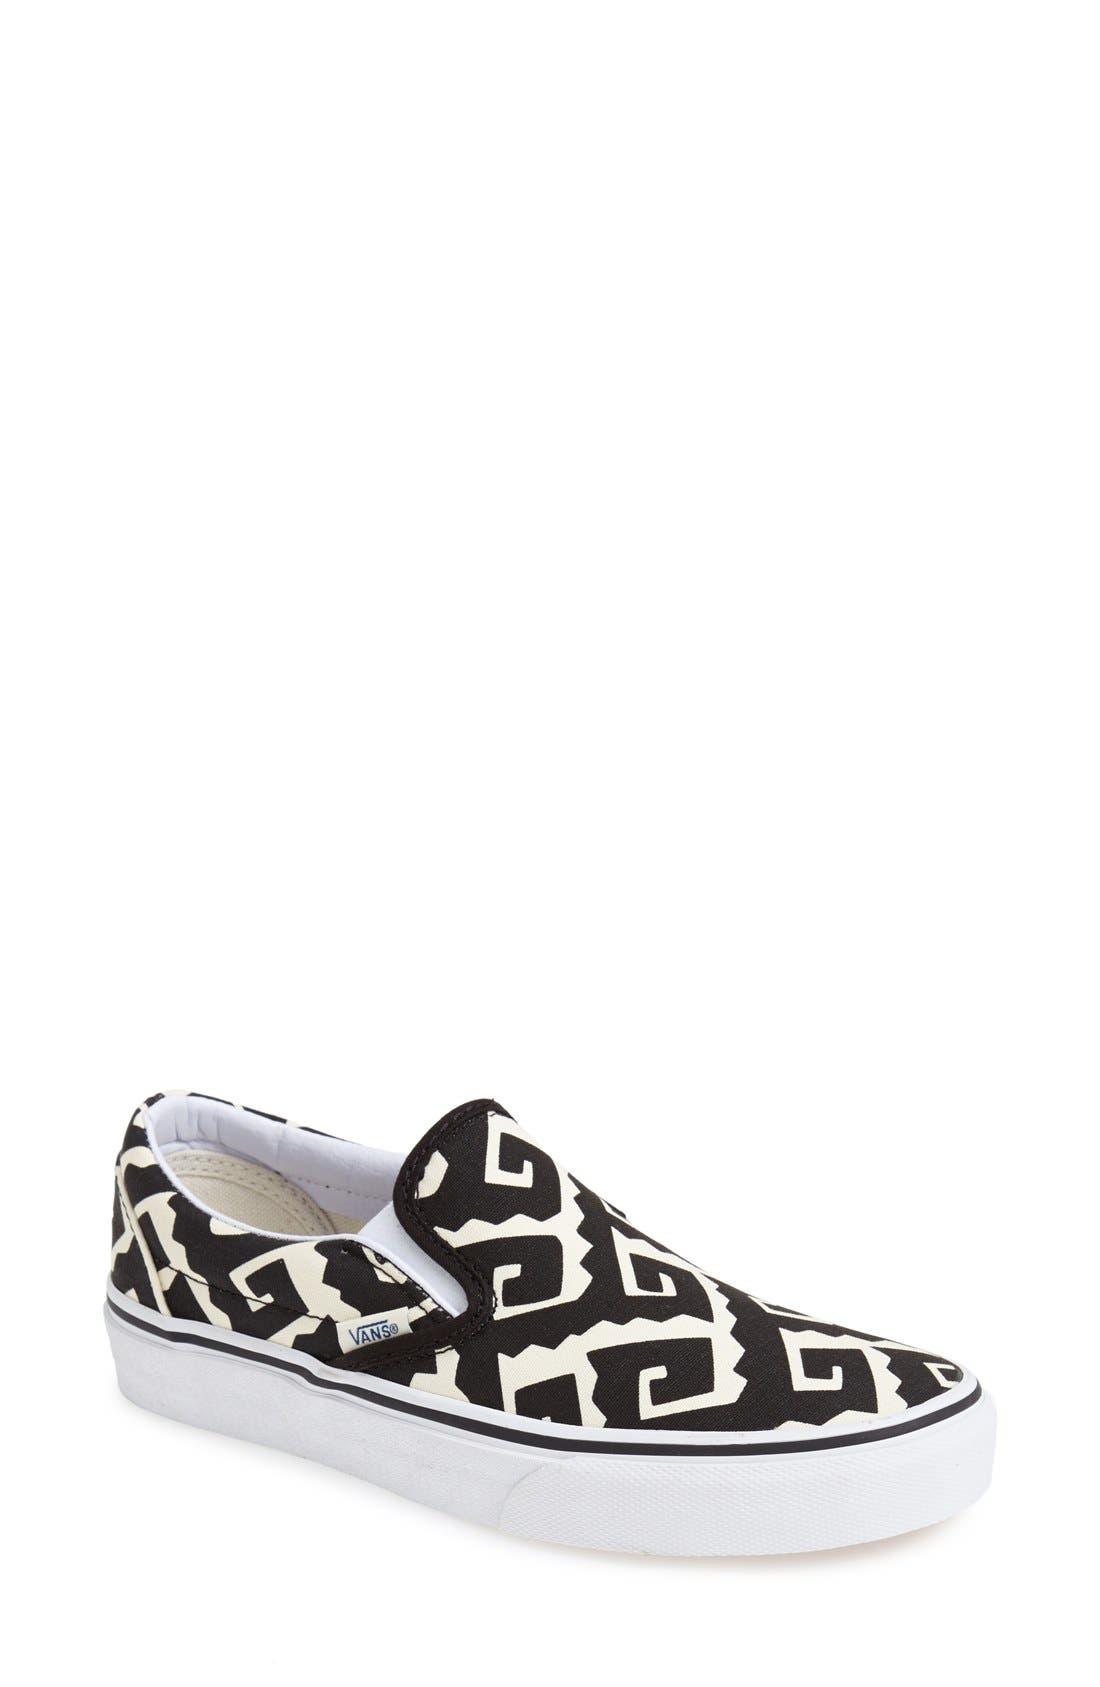 Alternate Image 1 Selected - Vans 'Van Doren - Classic' Slip-On Sneaker (Women)